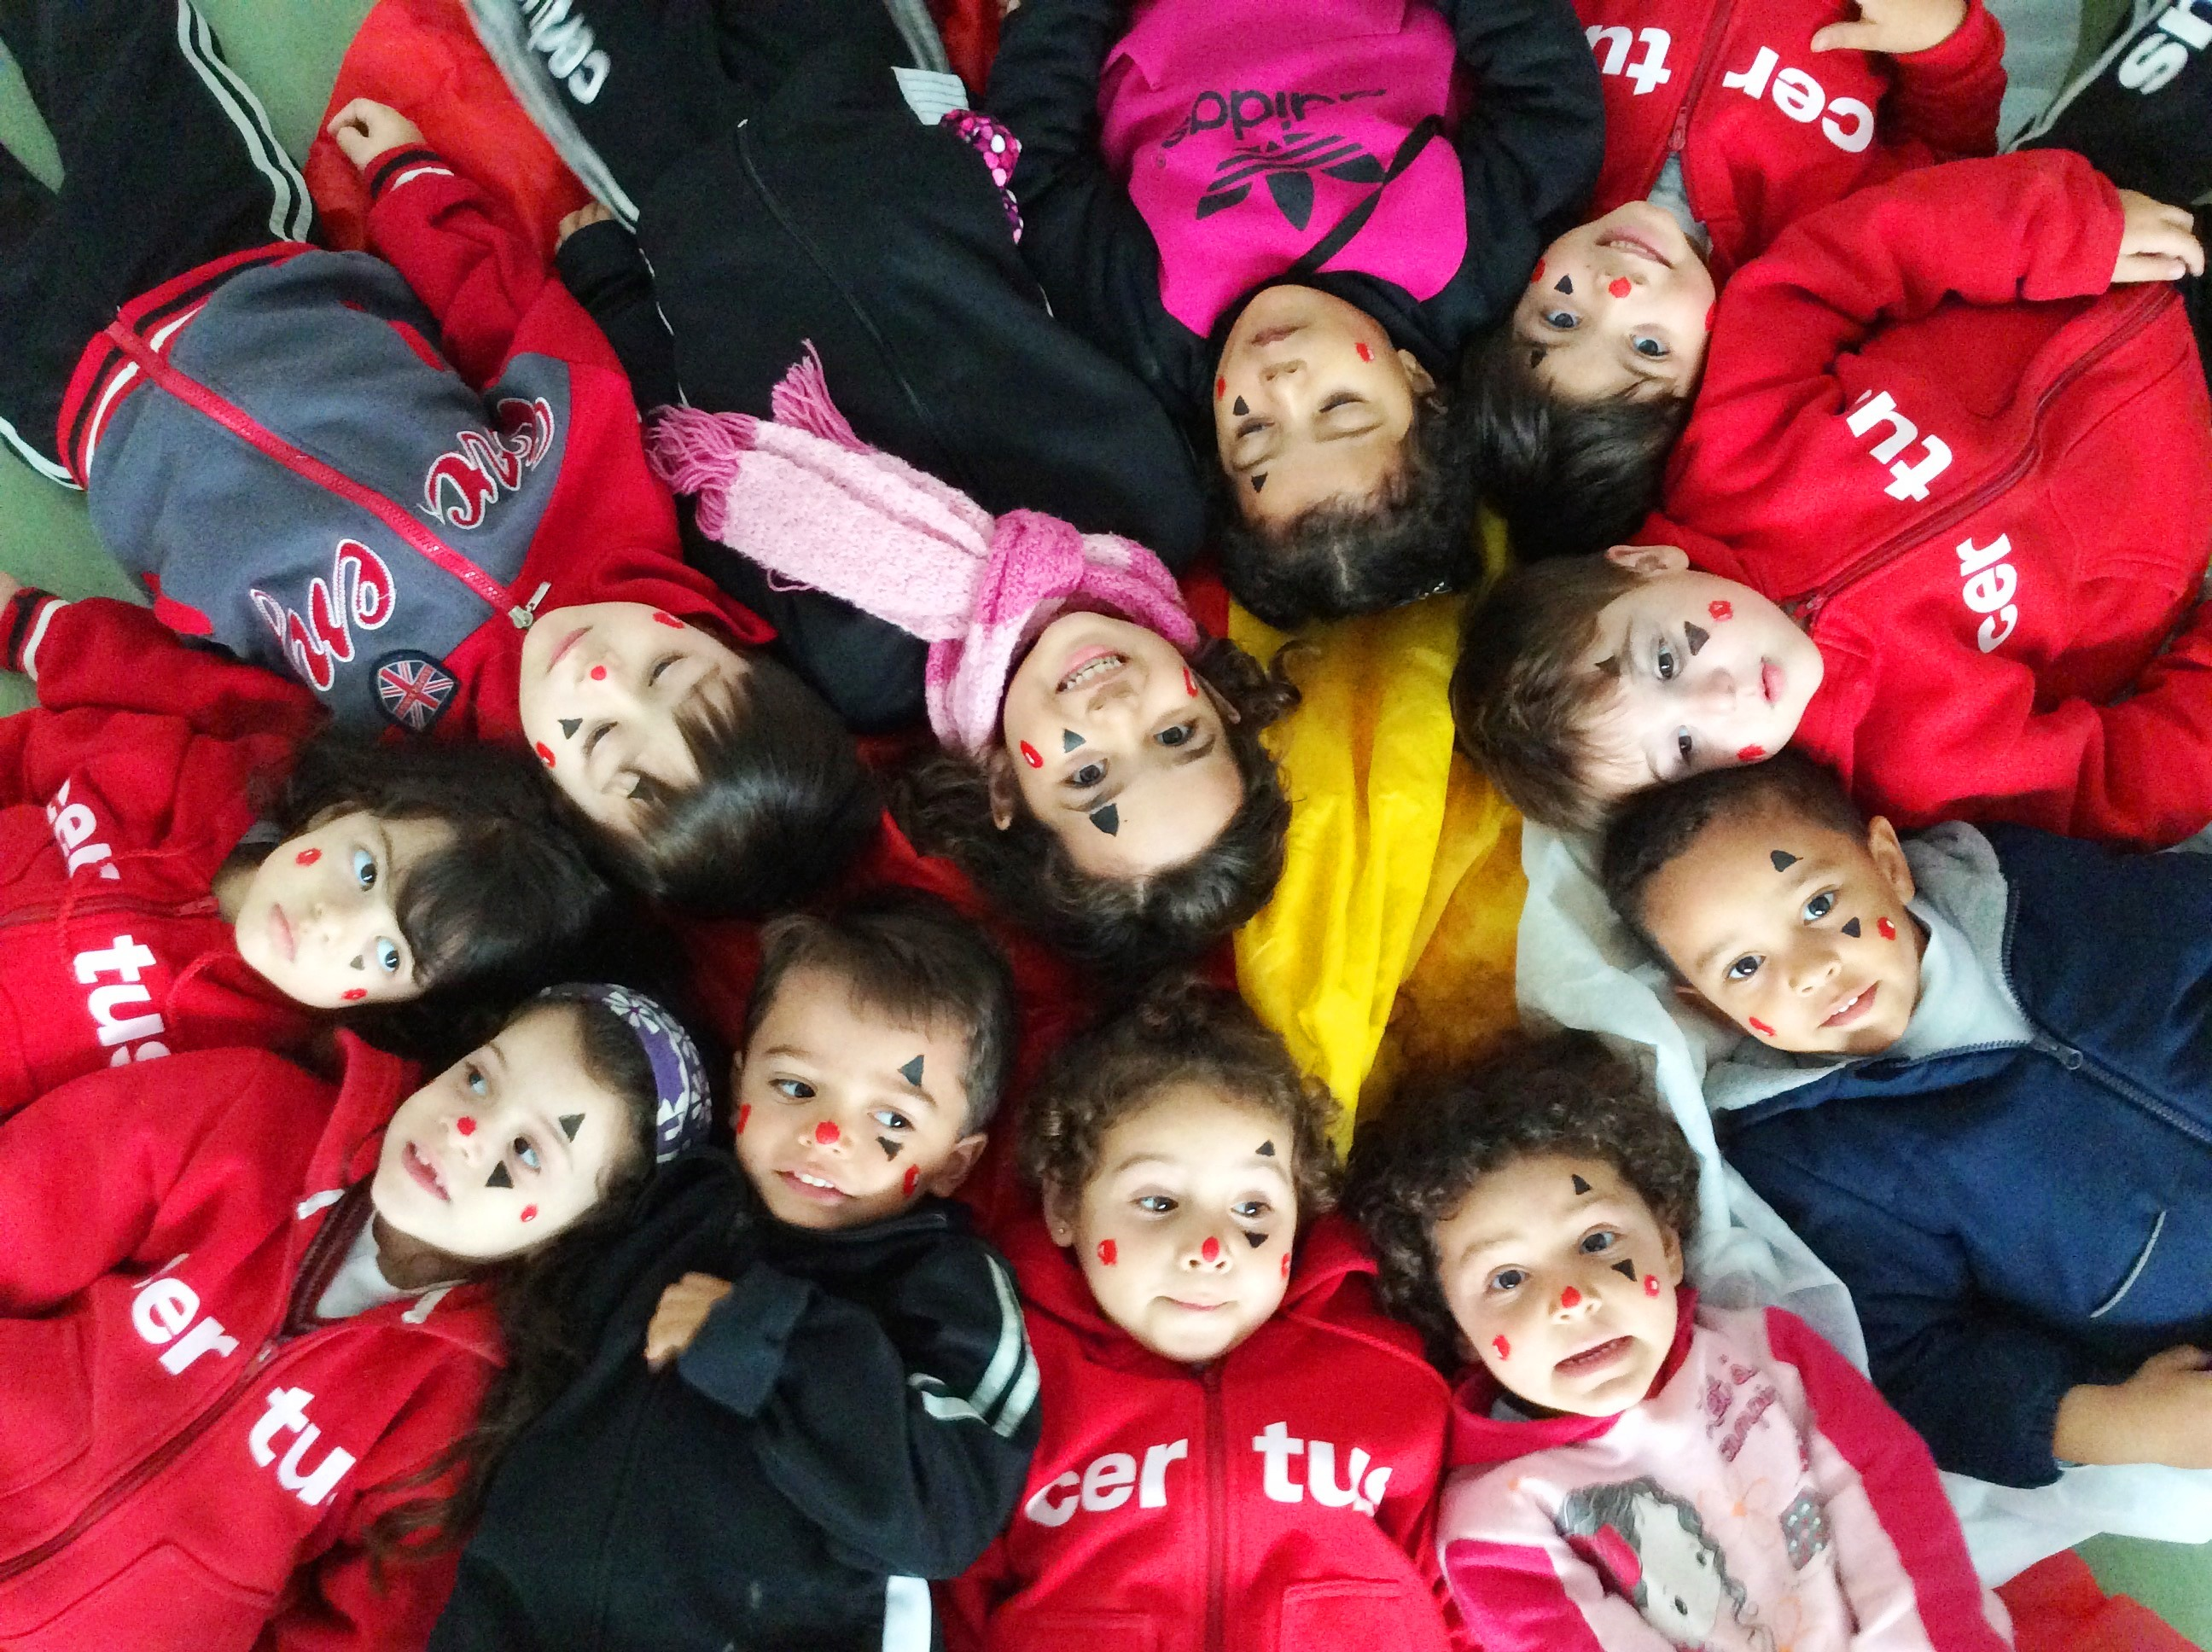 Turma da recreação da educação infantil do colégio Certus tem vivencias circenses que ajudam na expressão corporal e motora com brincadeiras de equilíbrio, encaixe e musicais